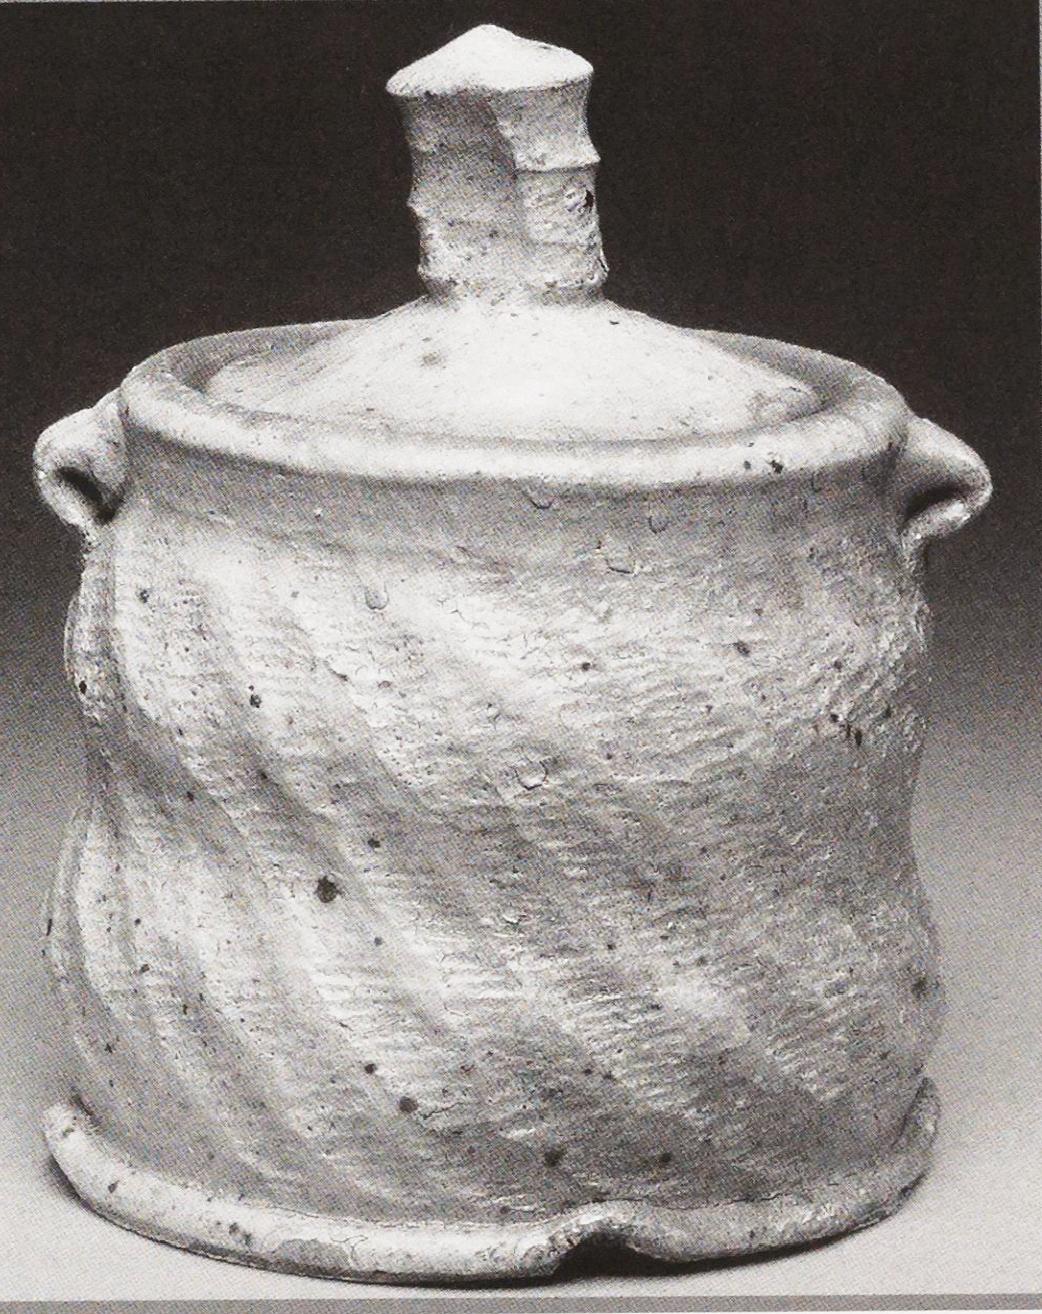 Wood salt-fire covered jar, Gregory Miller, 2002